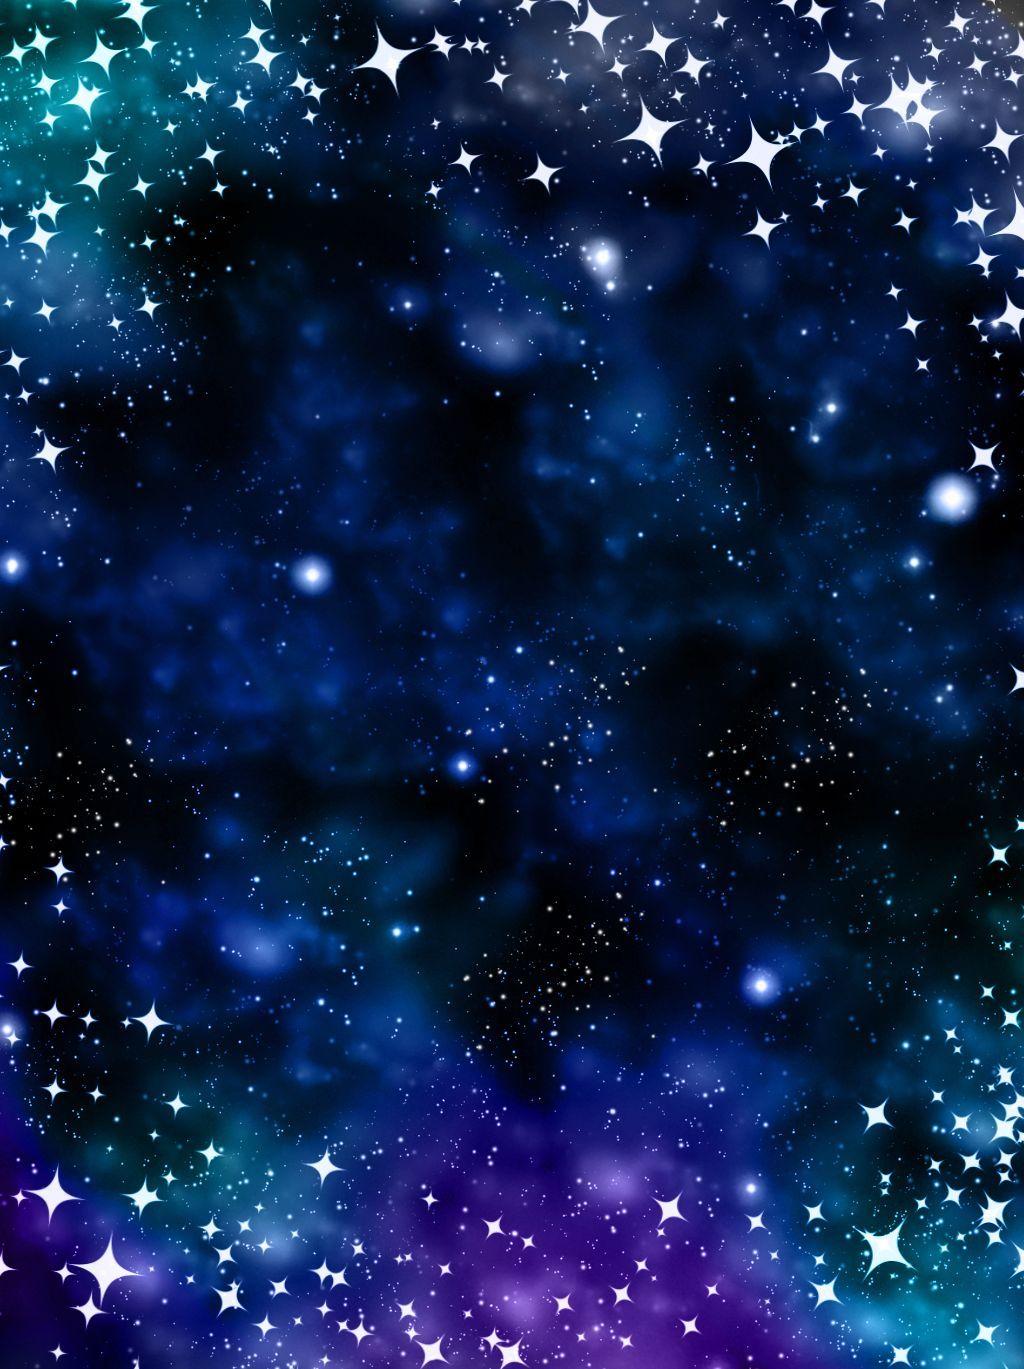 نقي حالمة الأزرق الأرجواني خلفية النجوم Blue Backgrounds Blue Background Images Galaxy Phone Wallpaper